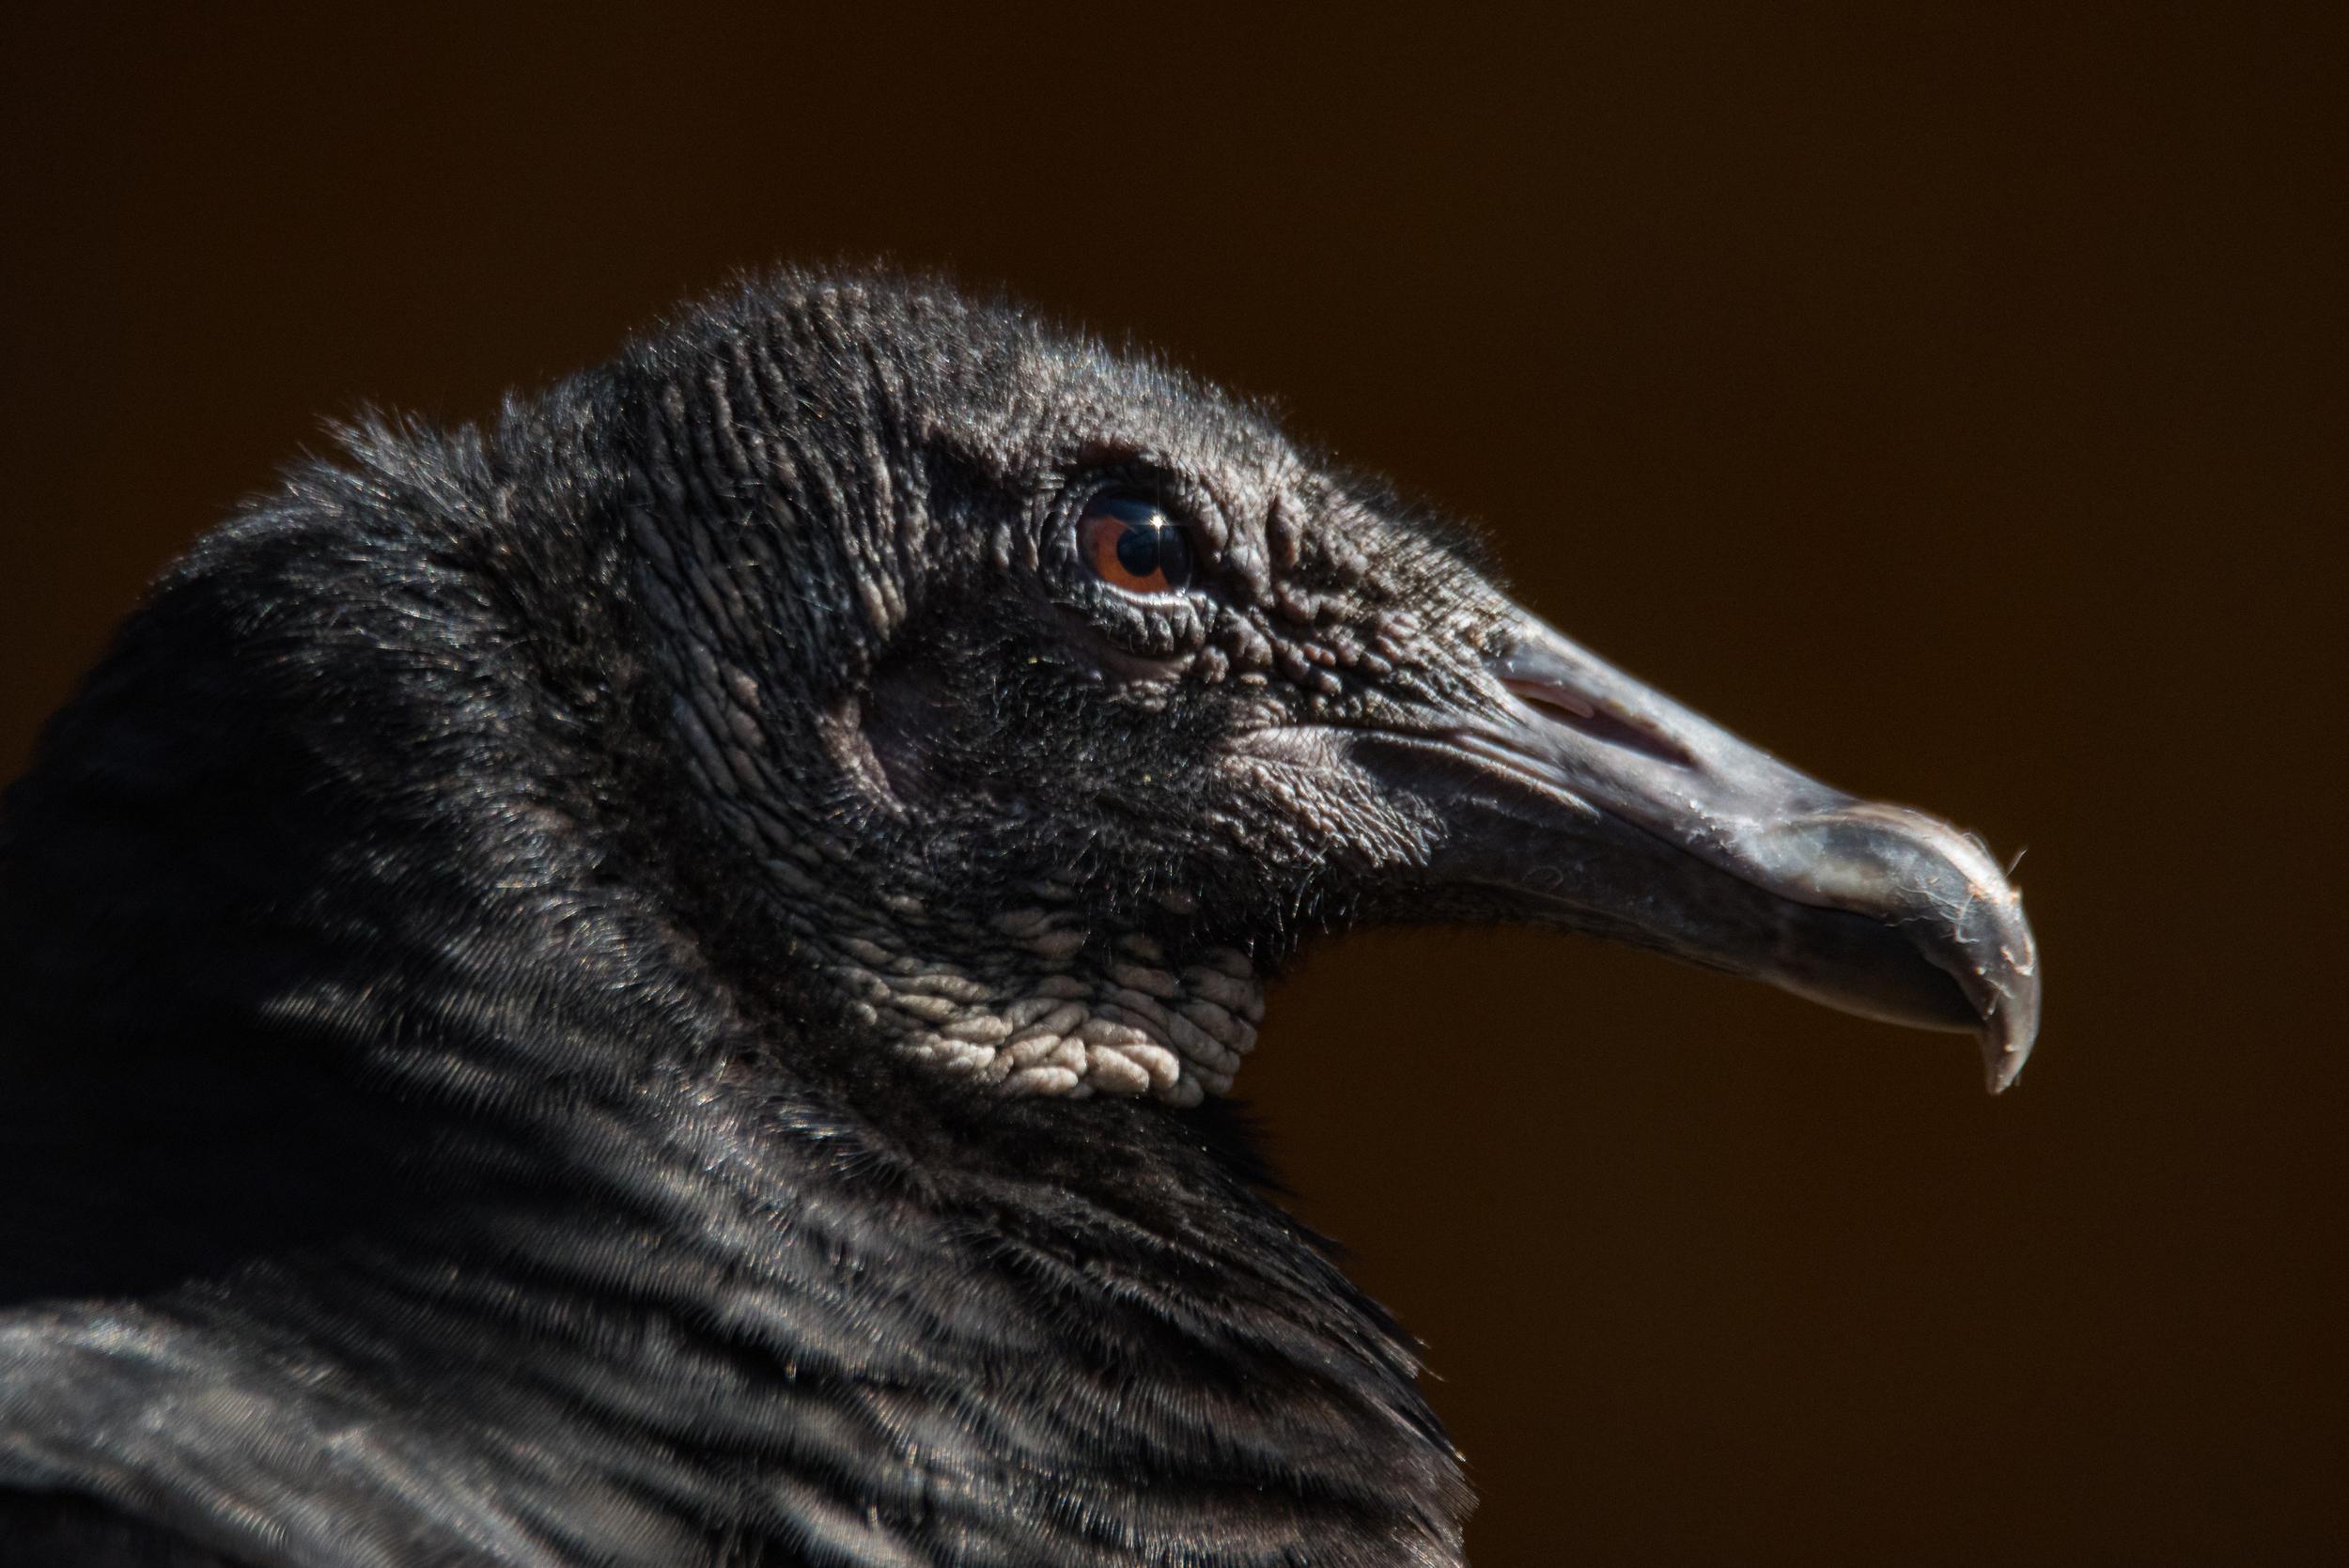 Black Vulture Nikon D750 ISO 1250 600mm f/8.0 1/800 sec.